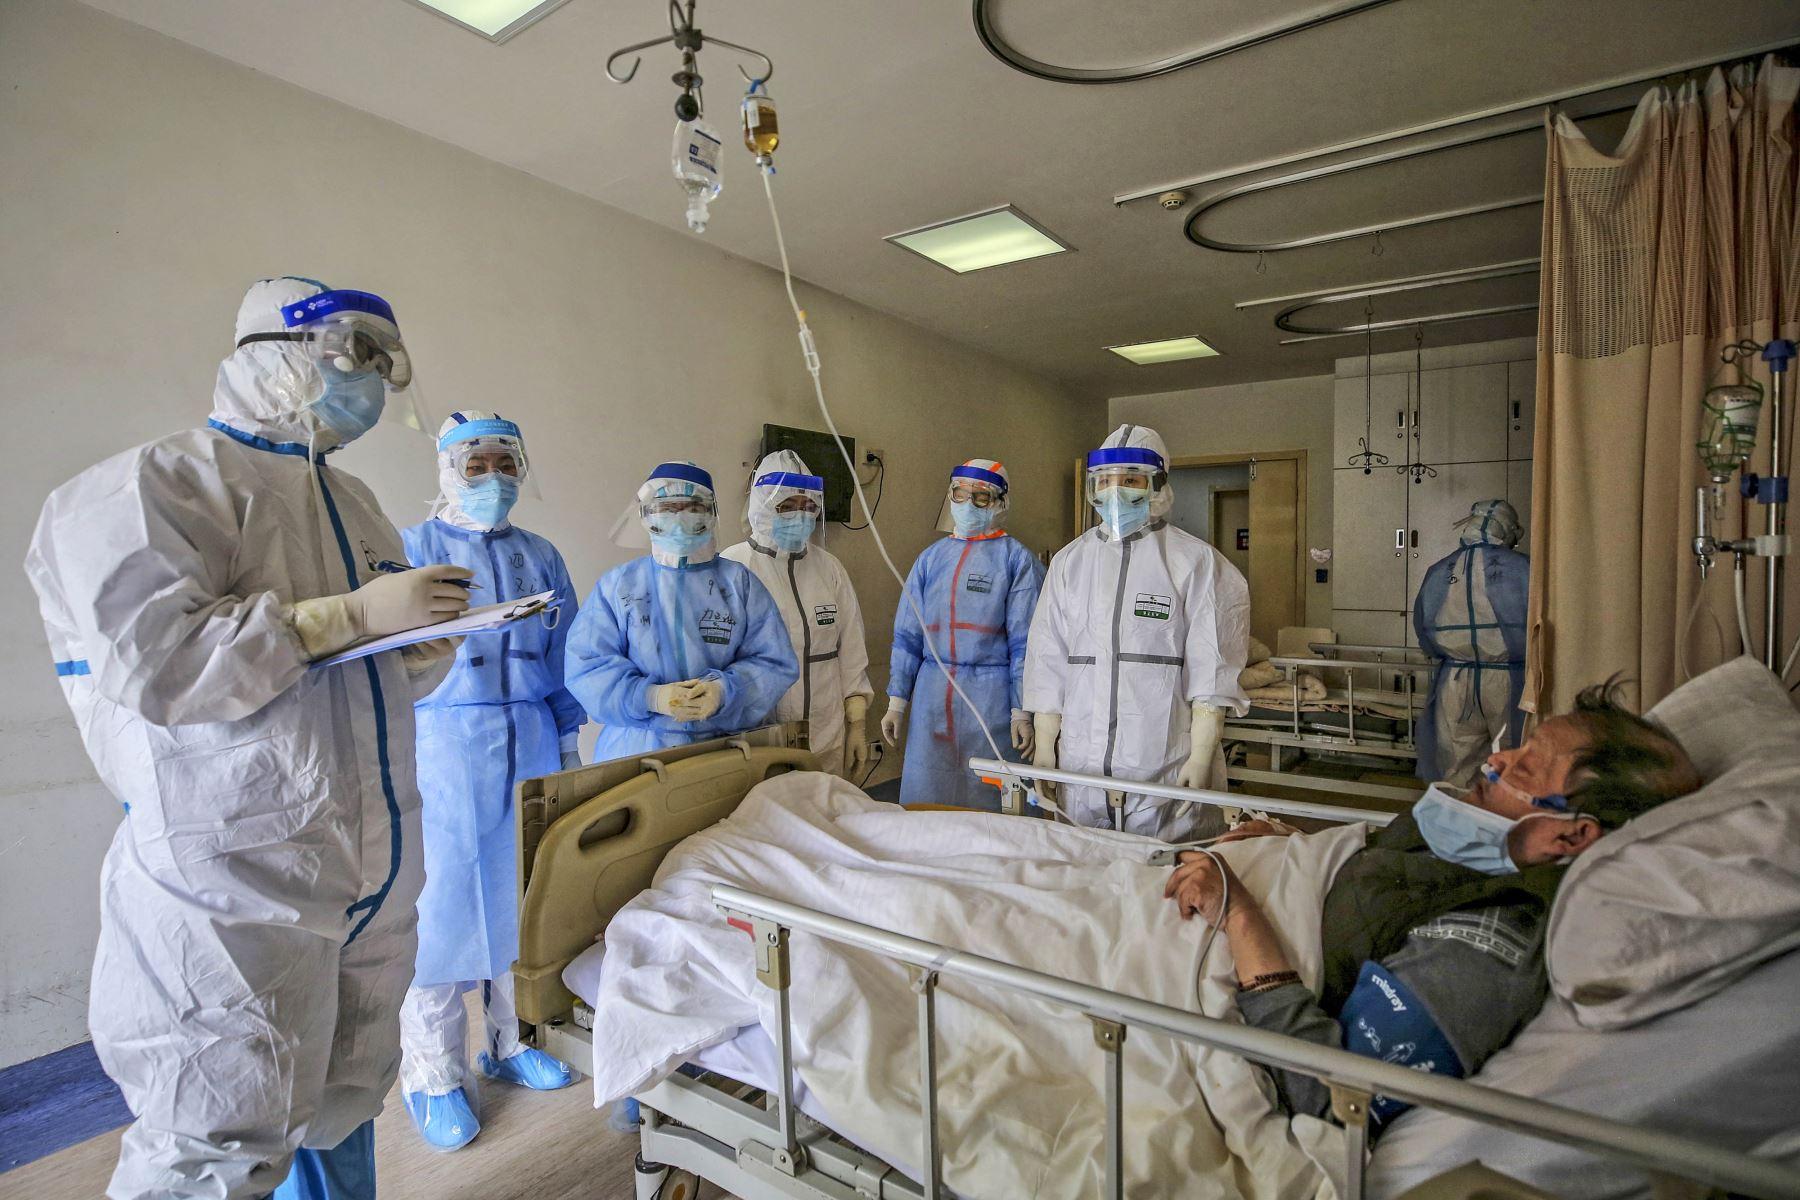 El personal médico habla con un paciente infectado por el coronavirus en Wuhan, China. Foto:AFP